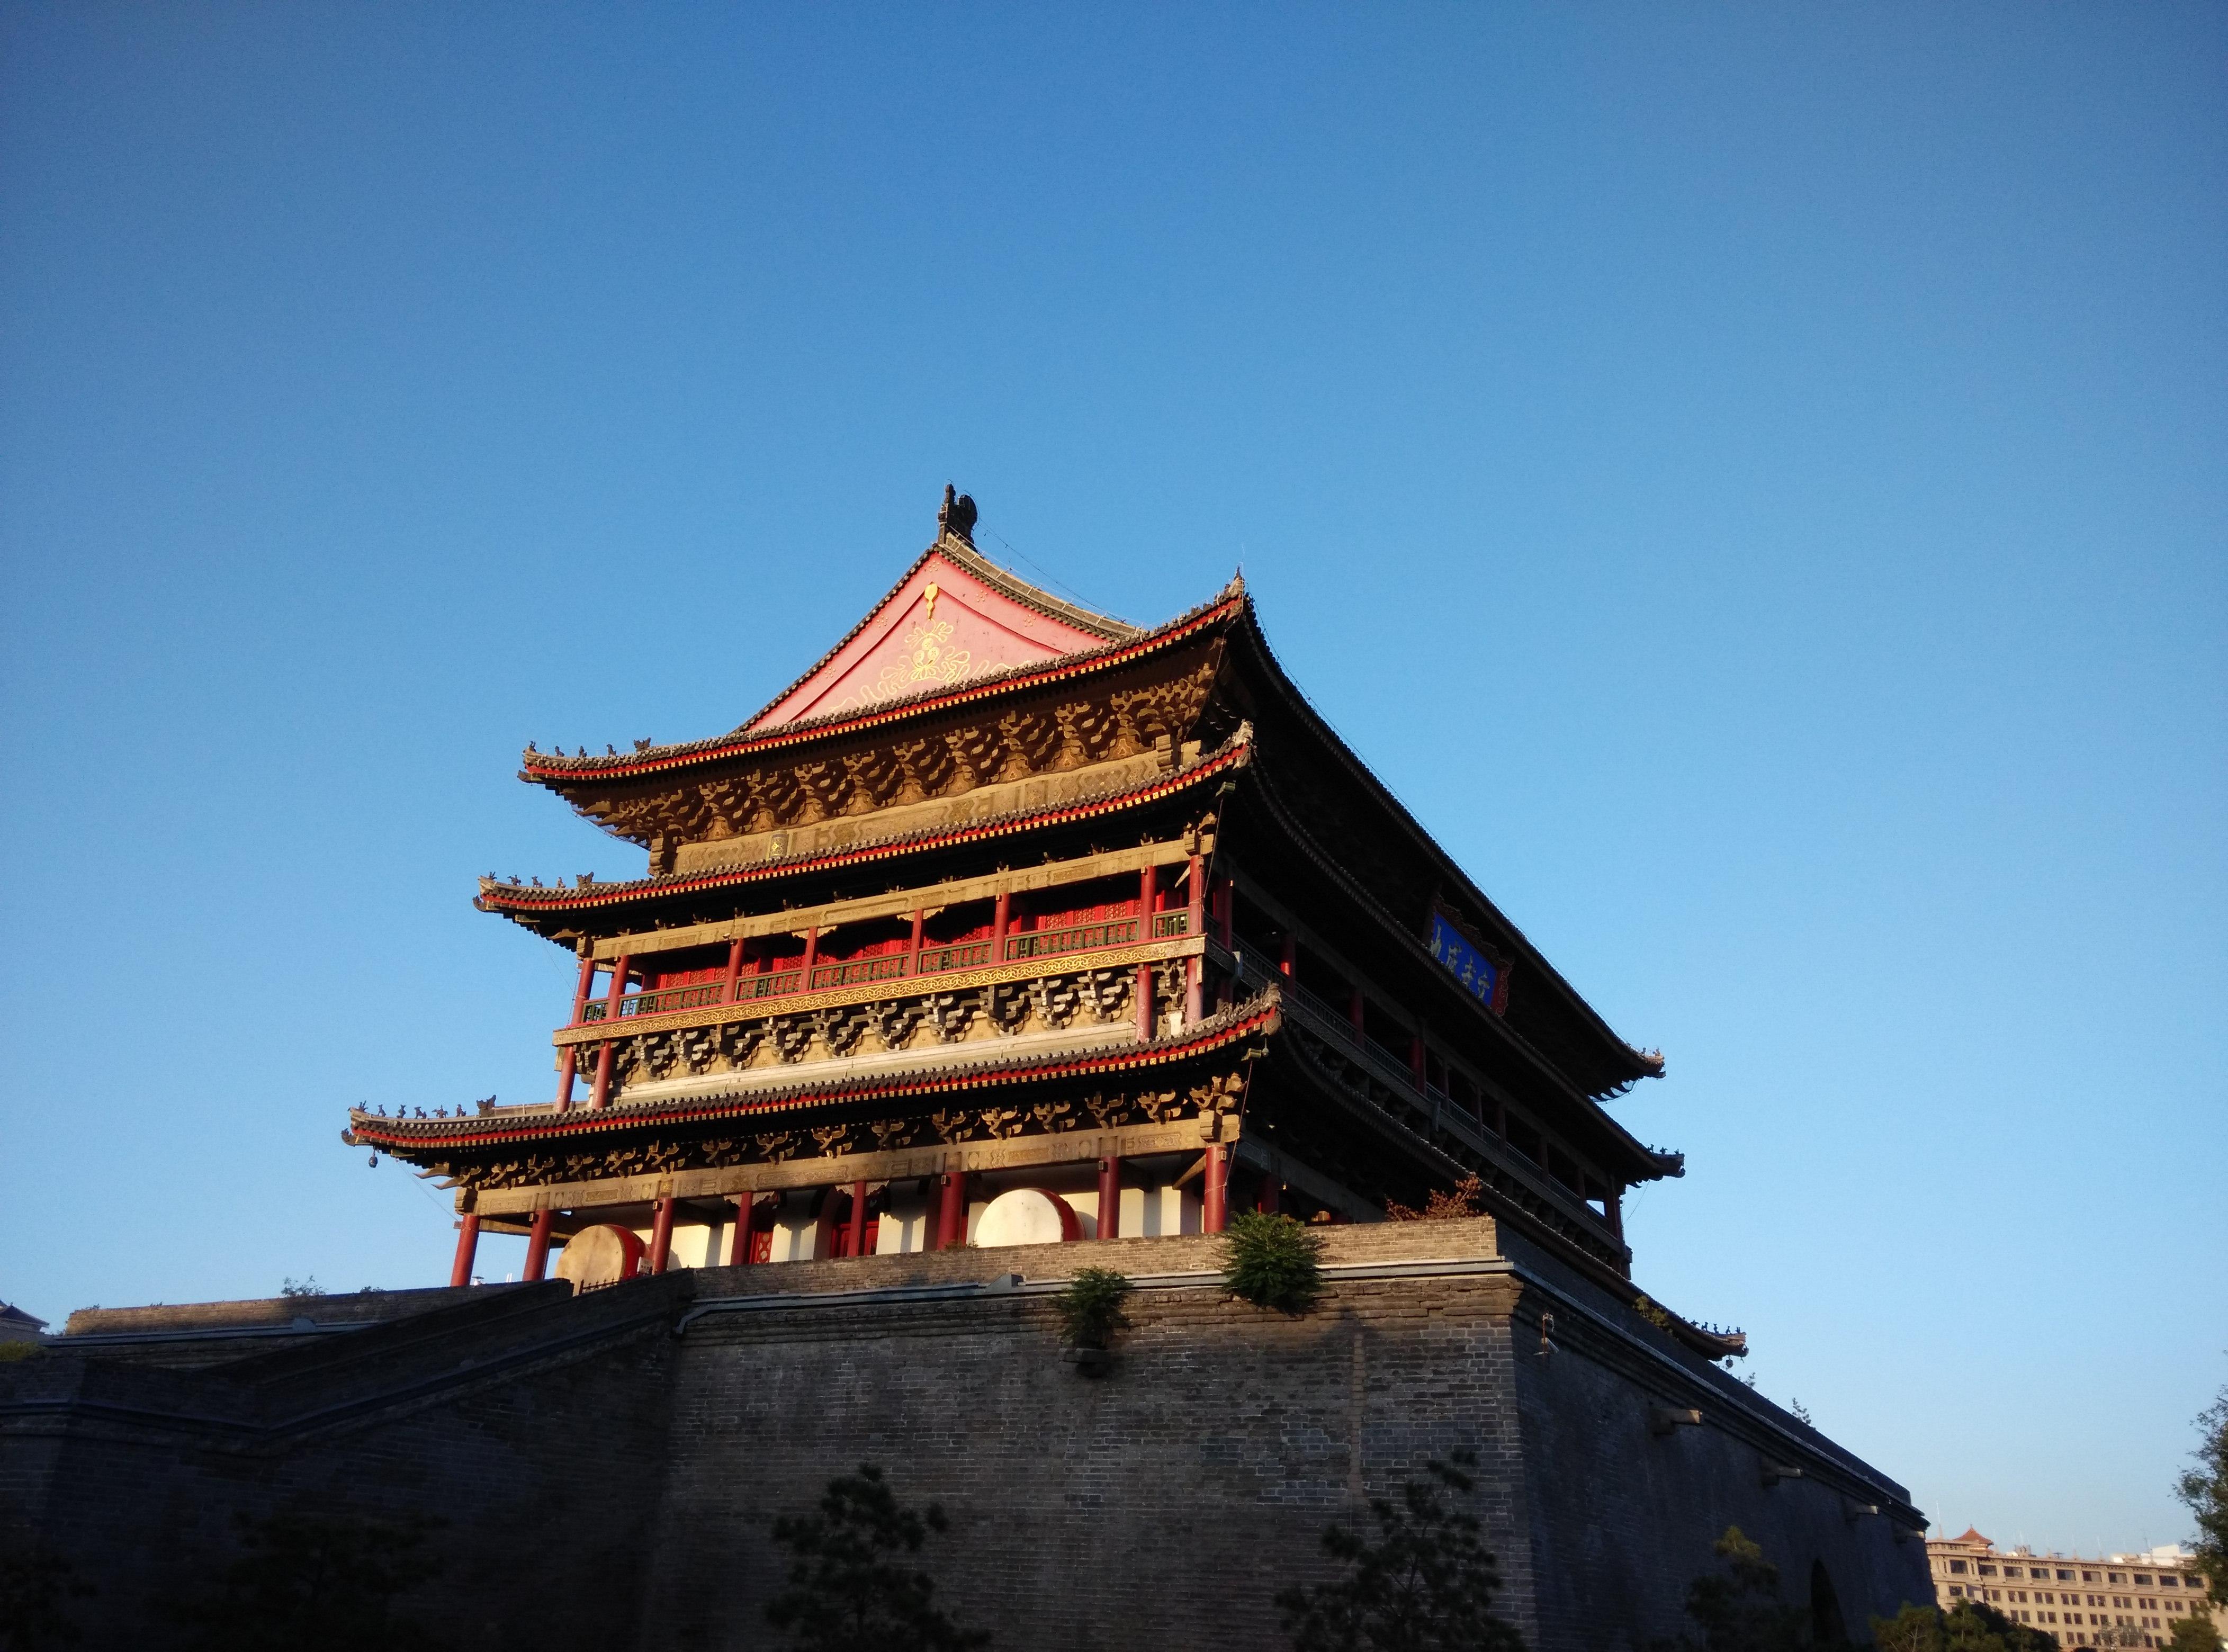 西安鼓楼旅游景点攻略图去东京住哪个酒店攻略图片